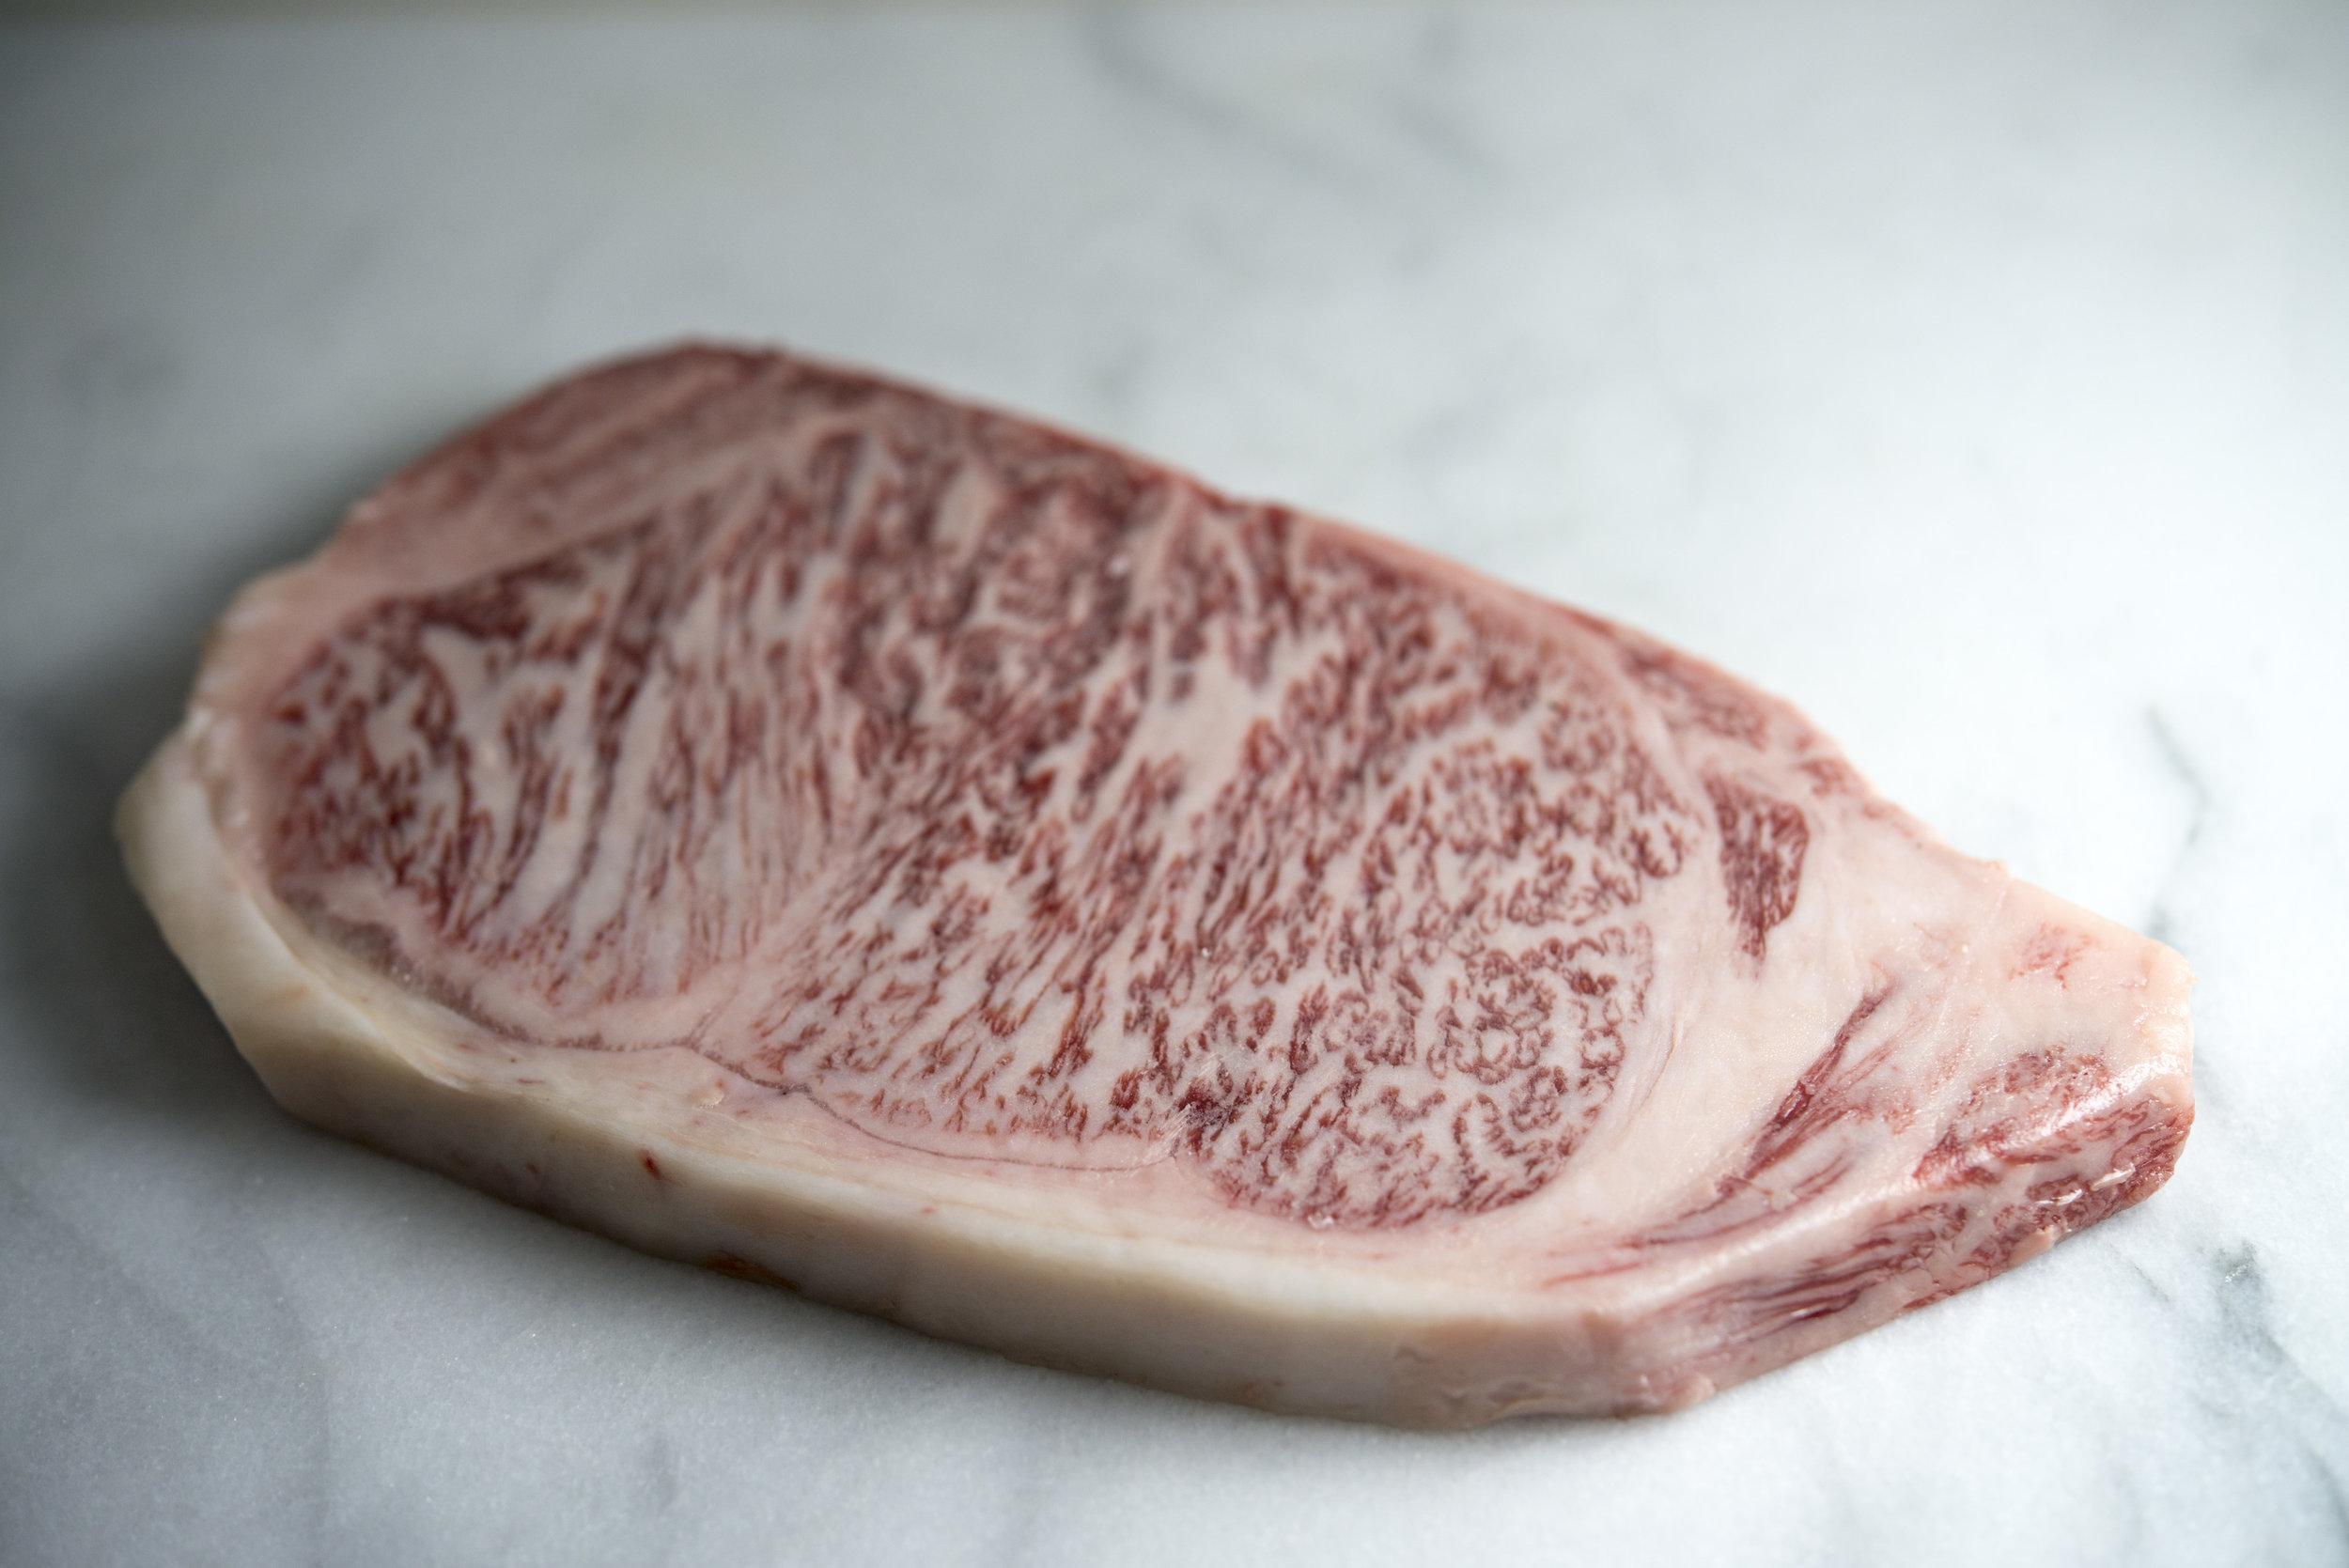 A5 Miyazakigyu Wagyu Beef Striploin Steaks 06.jpg